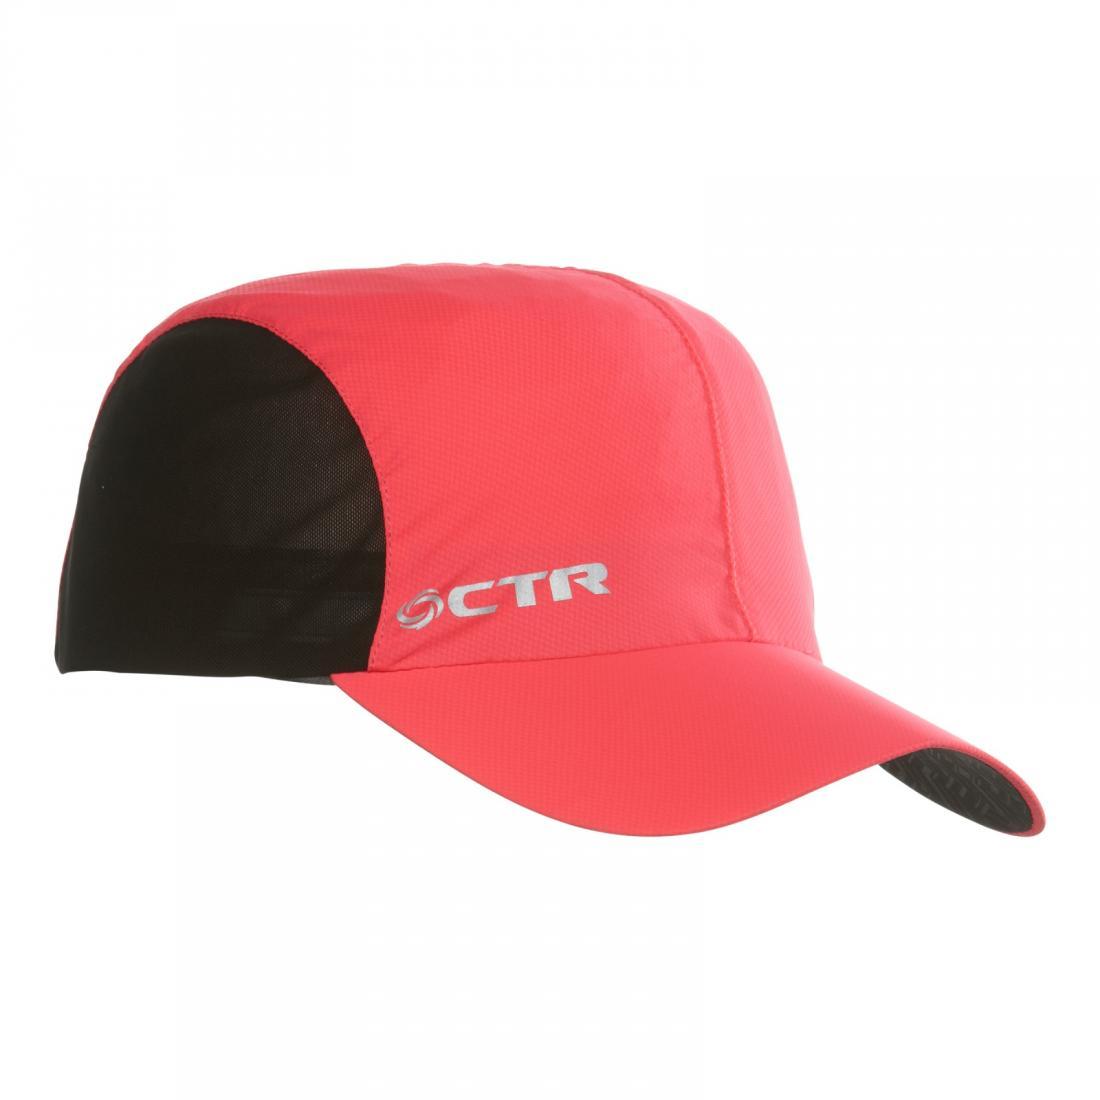 Кепка Chaos  Chase Dawn Run CapКепки<br><br>Стильная двухцветная кепка Chase Dawn Run Cap от Chaos создана специально для тех, кто занимается бегом и другими интенсивными аэробными нагрузками. Она отлично поглощает влагу и вредные ультрафиолетовые лучи, защищая от перегрева. Легкая и удобная,...<br><br>Цвет: Красный<br>Размер: None